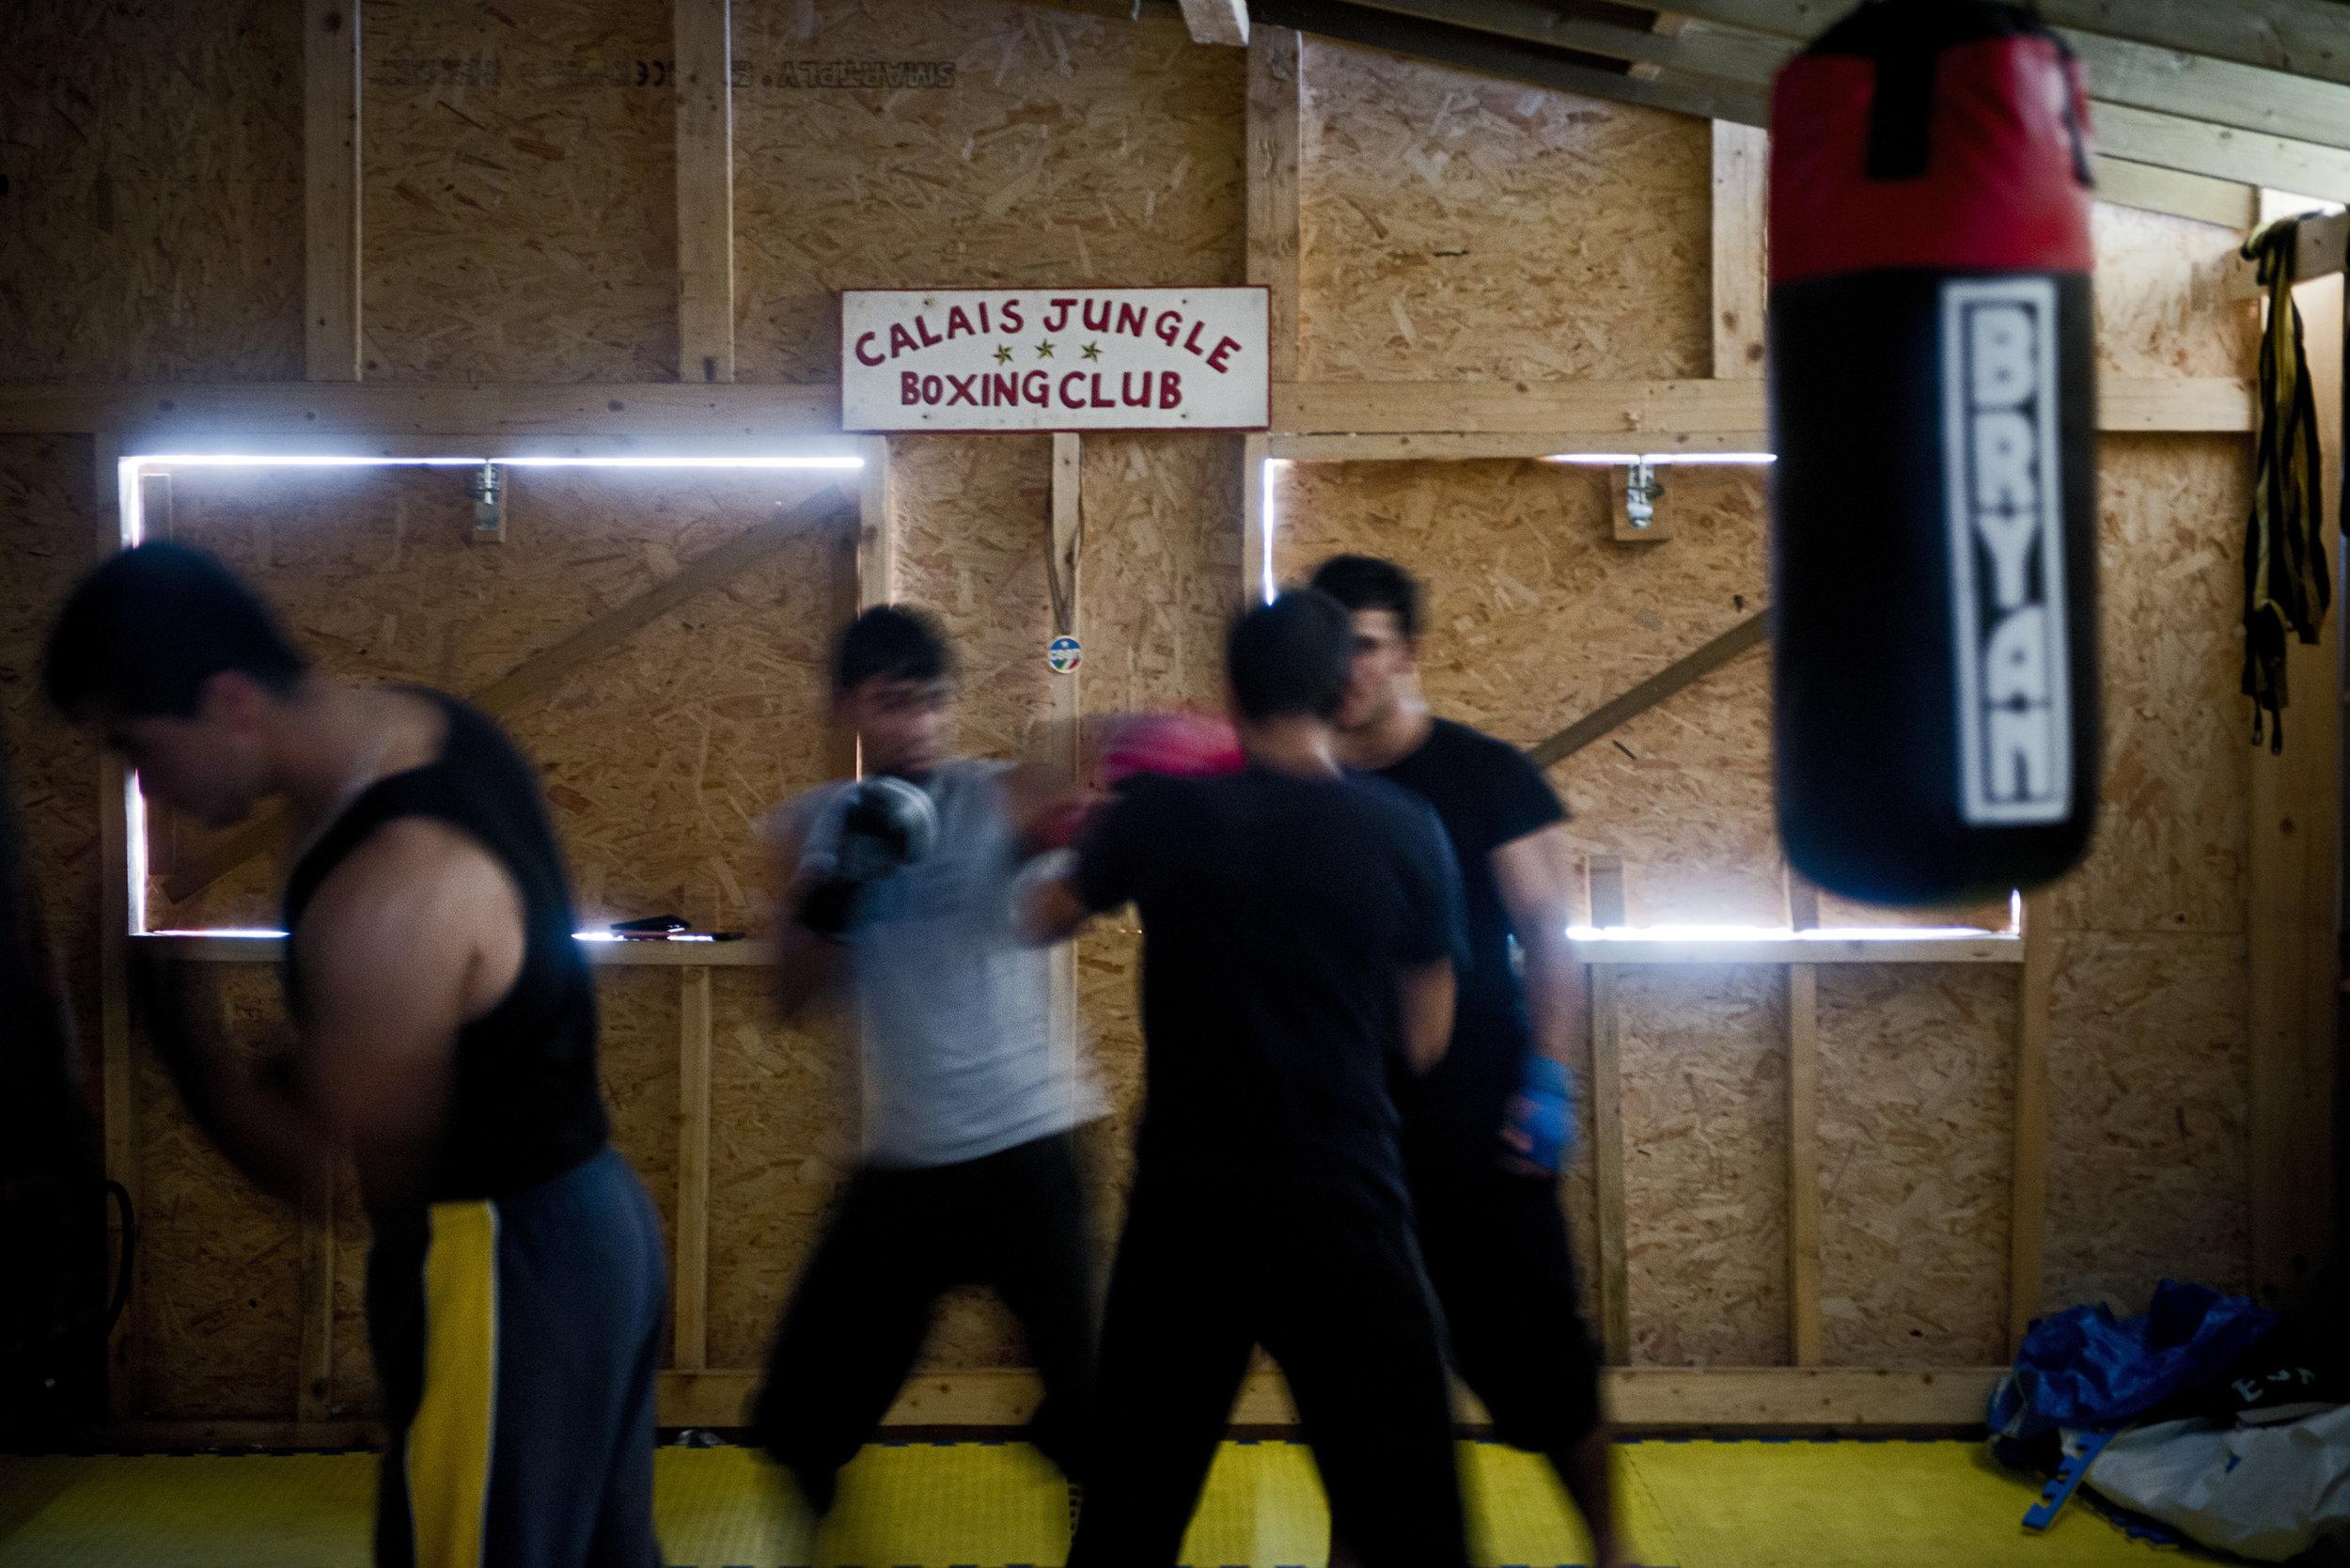 Pour tromper l'attente, des réfugiés afghans enchainent une série de pompes et de tractions. Dans les coups qu'ils portent au sac de sable, on sent la rage de l'impuissance.  Abdul qui a appris à boxer en Angleterre où il a vécu entre l'âge de 12 à 20 ans avant de se faire expulser, est l'une des réfugiés les plus assidus du Calais Jungle Boxing Club tenu par Josh, un bénévole Britannique originaire de Sheffield. D'habitude, à cette heure là, une vingtaine de personnes se pressent à l'entrainement. «Mais là, les gens sont trop préoccupés par la fermeture du camp pour venir» constate Josh. «A force de réfléchir quoi faire,ils ont la tête qui explose» confirme Abdul.